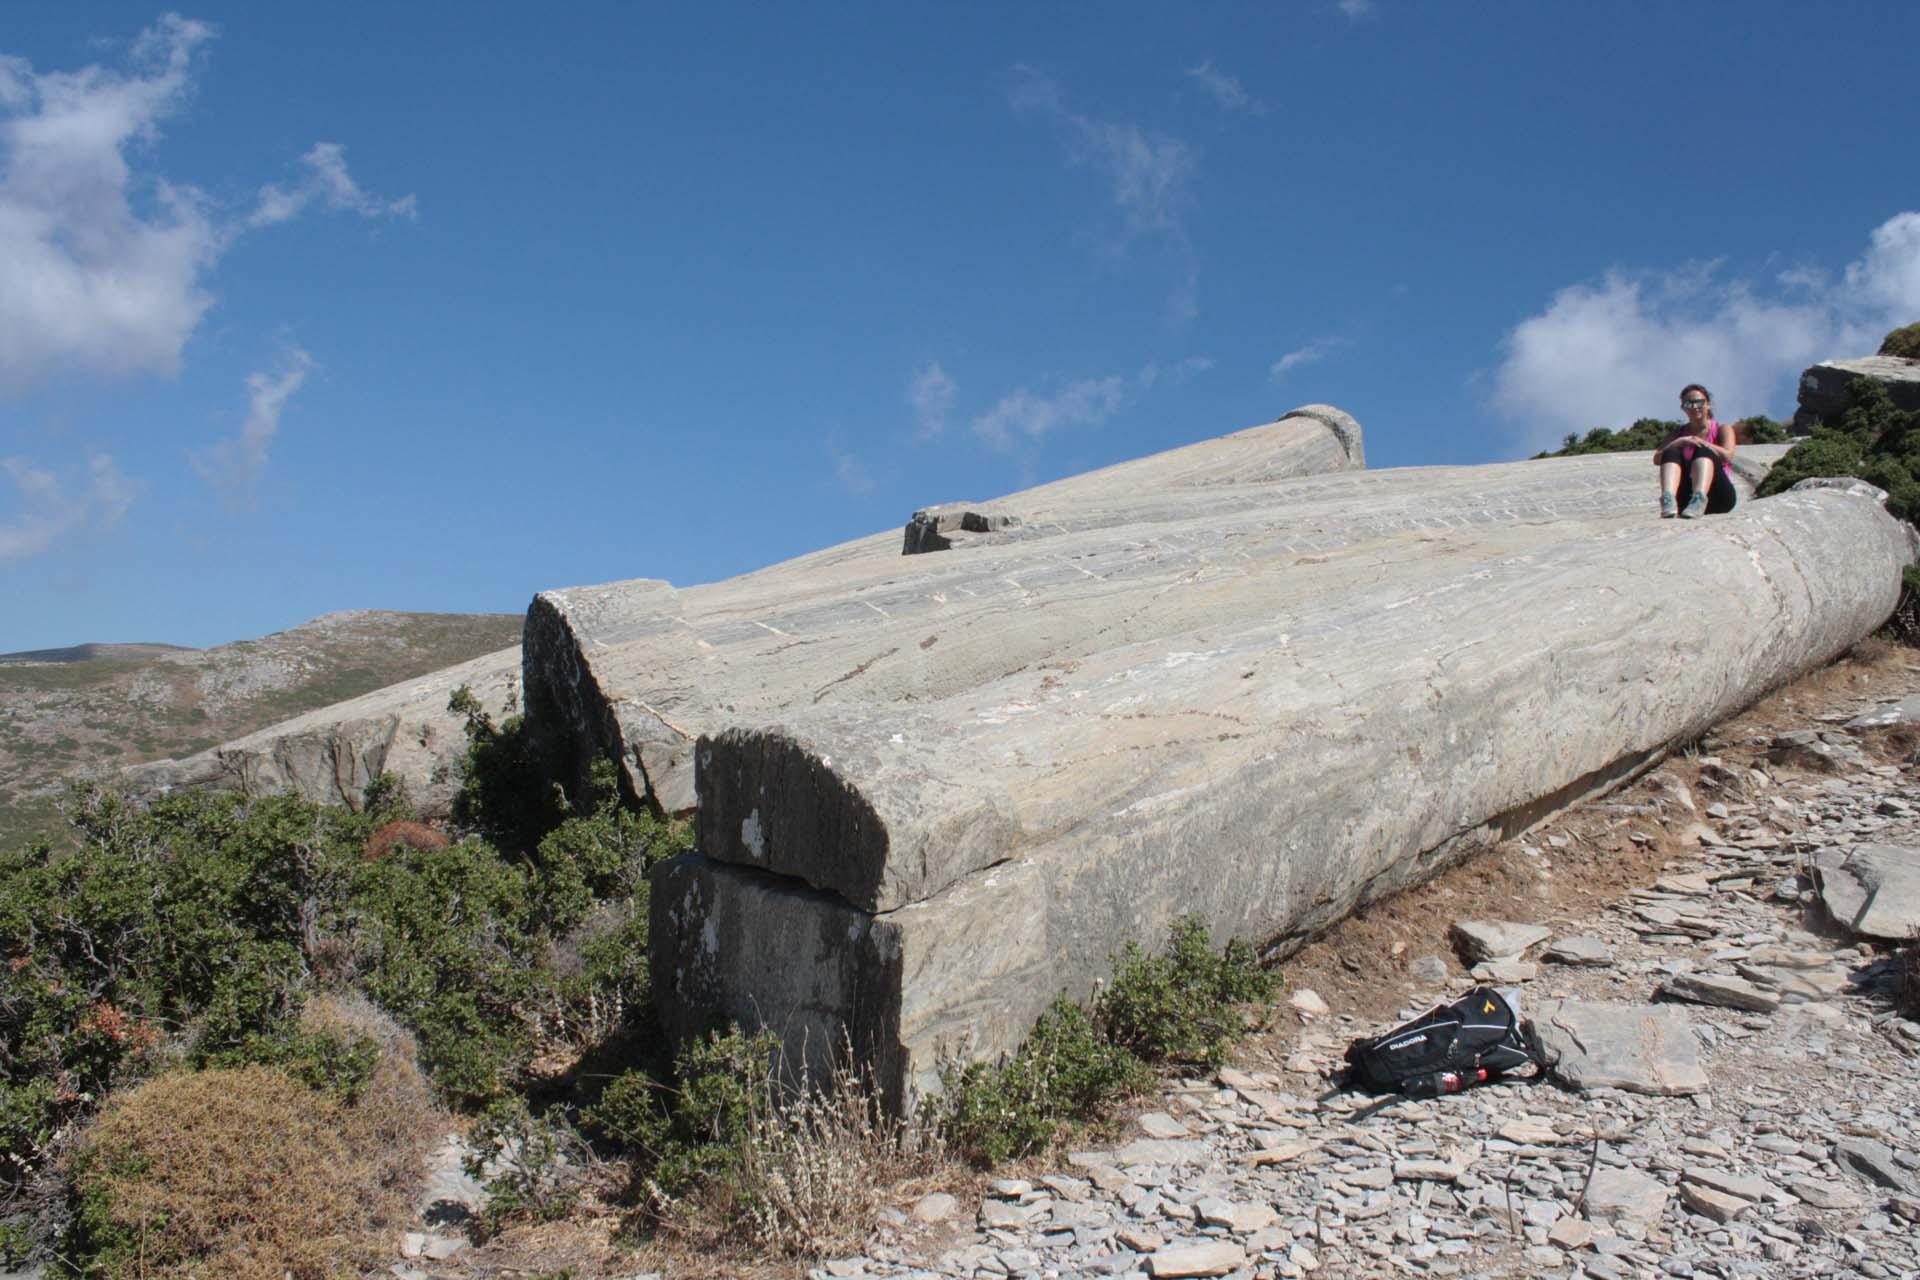 Marianna seduta sulle colonne di marmo intagliate nelle cave di Karystos sull'isola di Evia